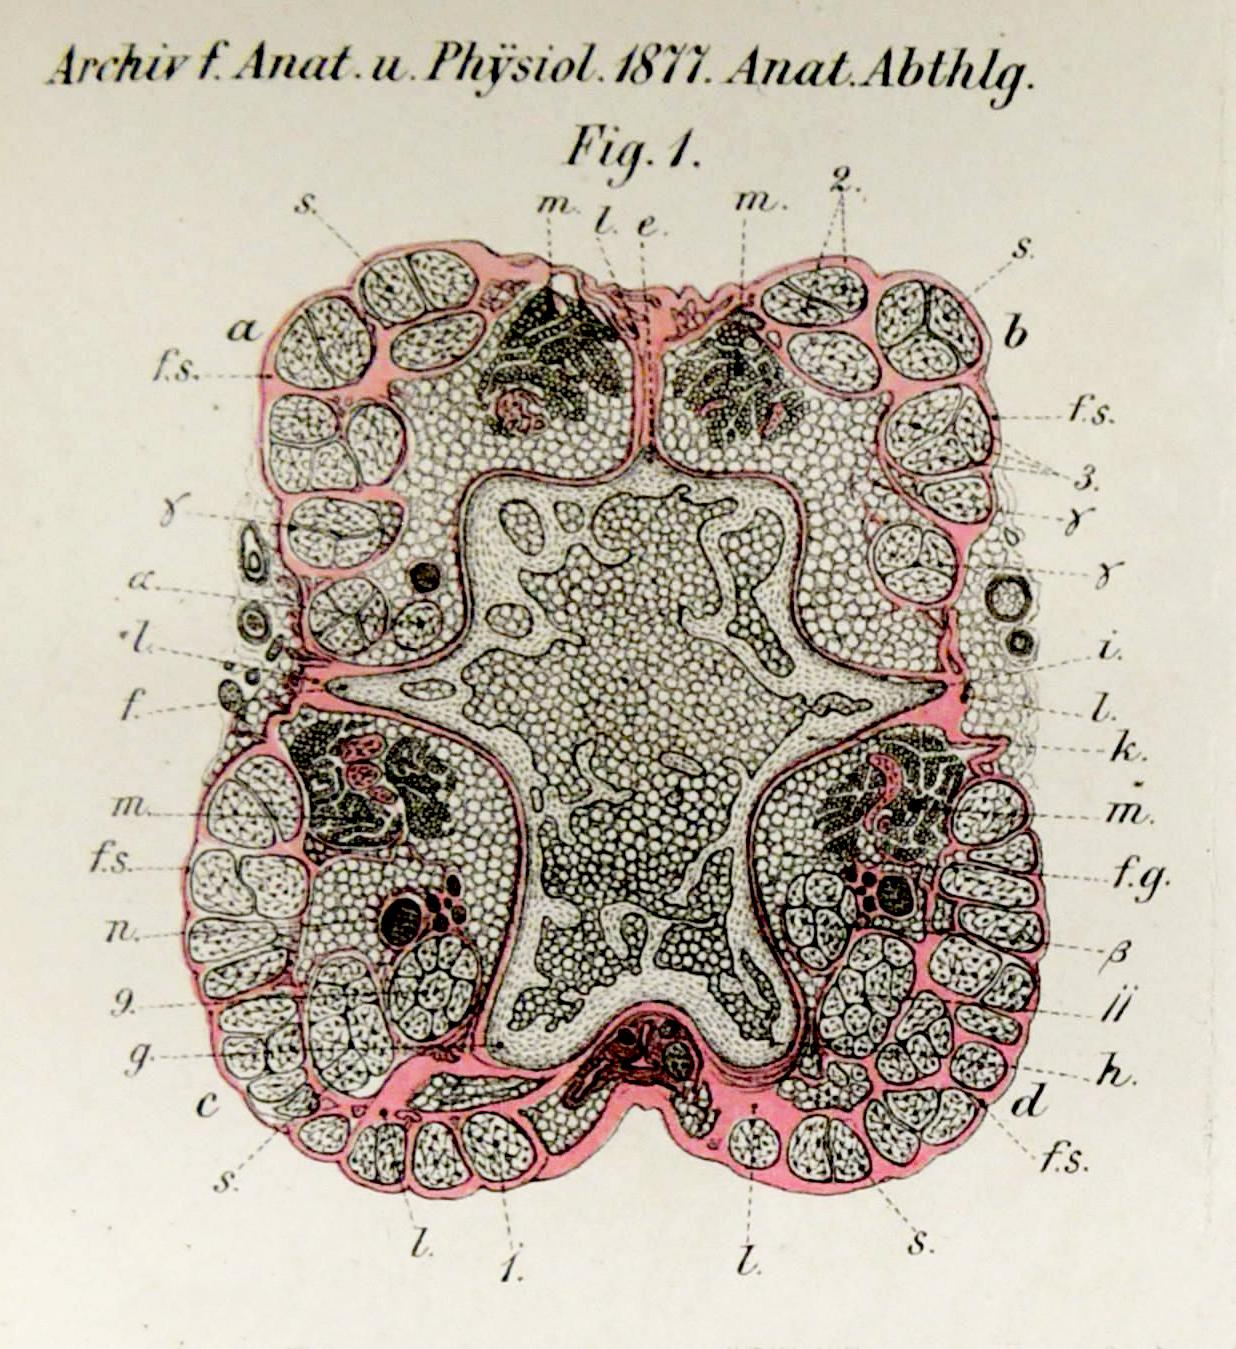 Archiv für Anatomie und Physiologie 1877_Planche I_2